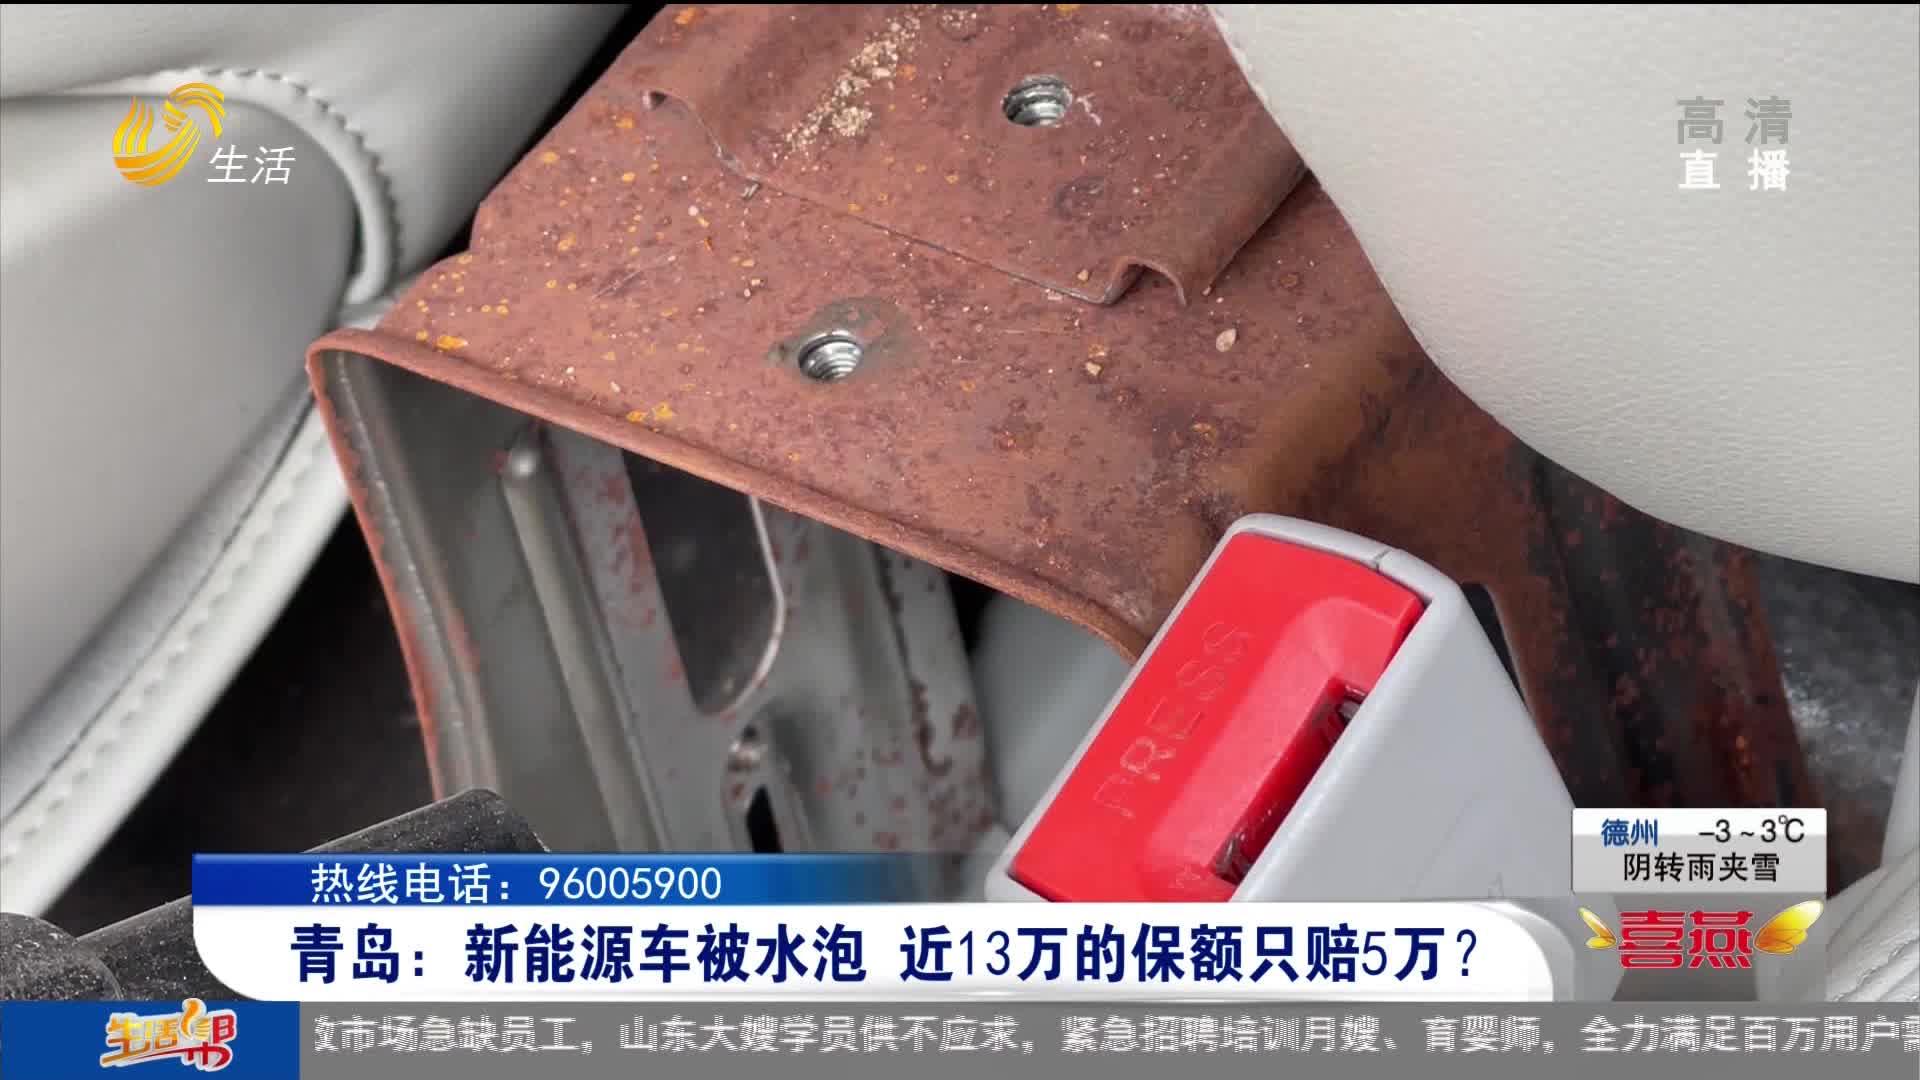 青岛:新能源车被水泡 近13万的保额只赔5万?